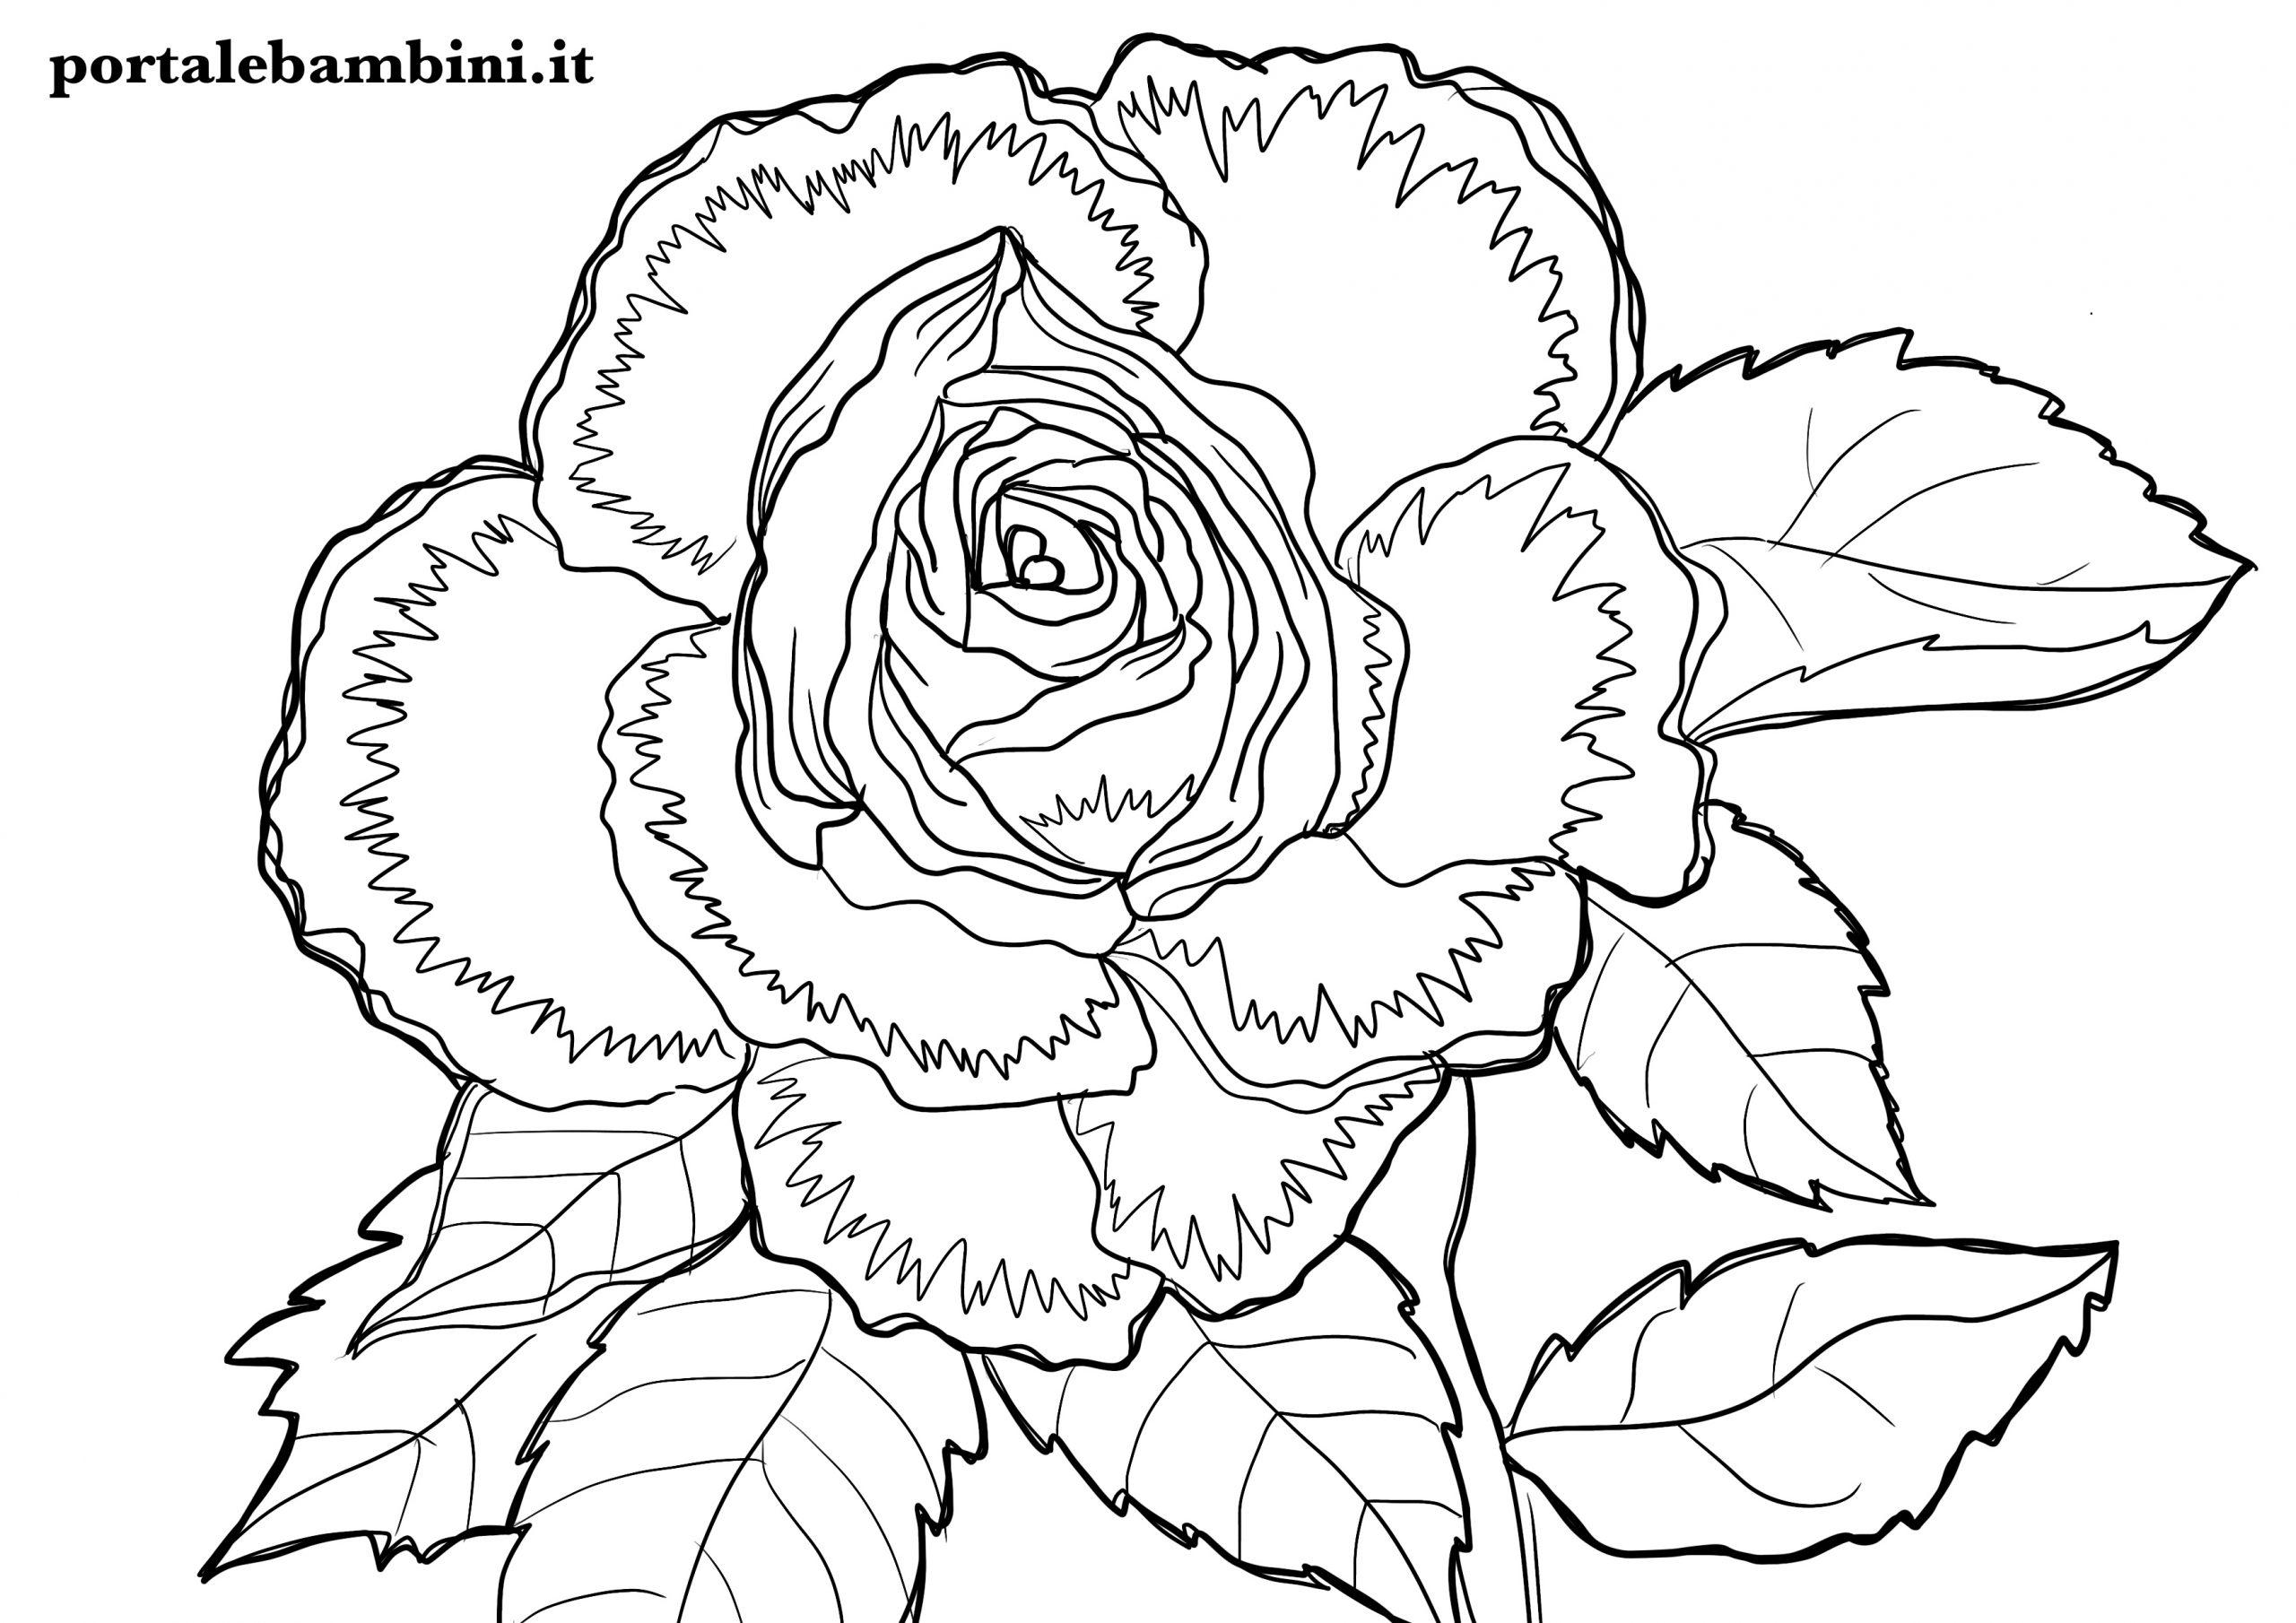 abbastanza Disegni di Fiori da Colorare | portalebambini.it FI01